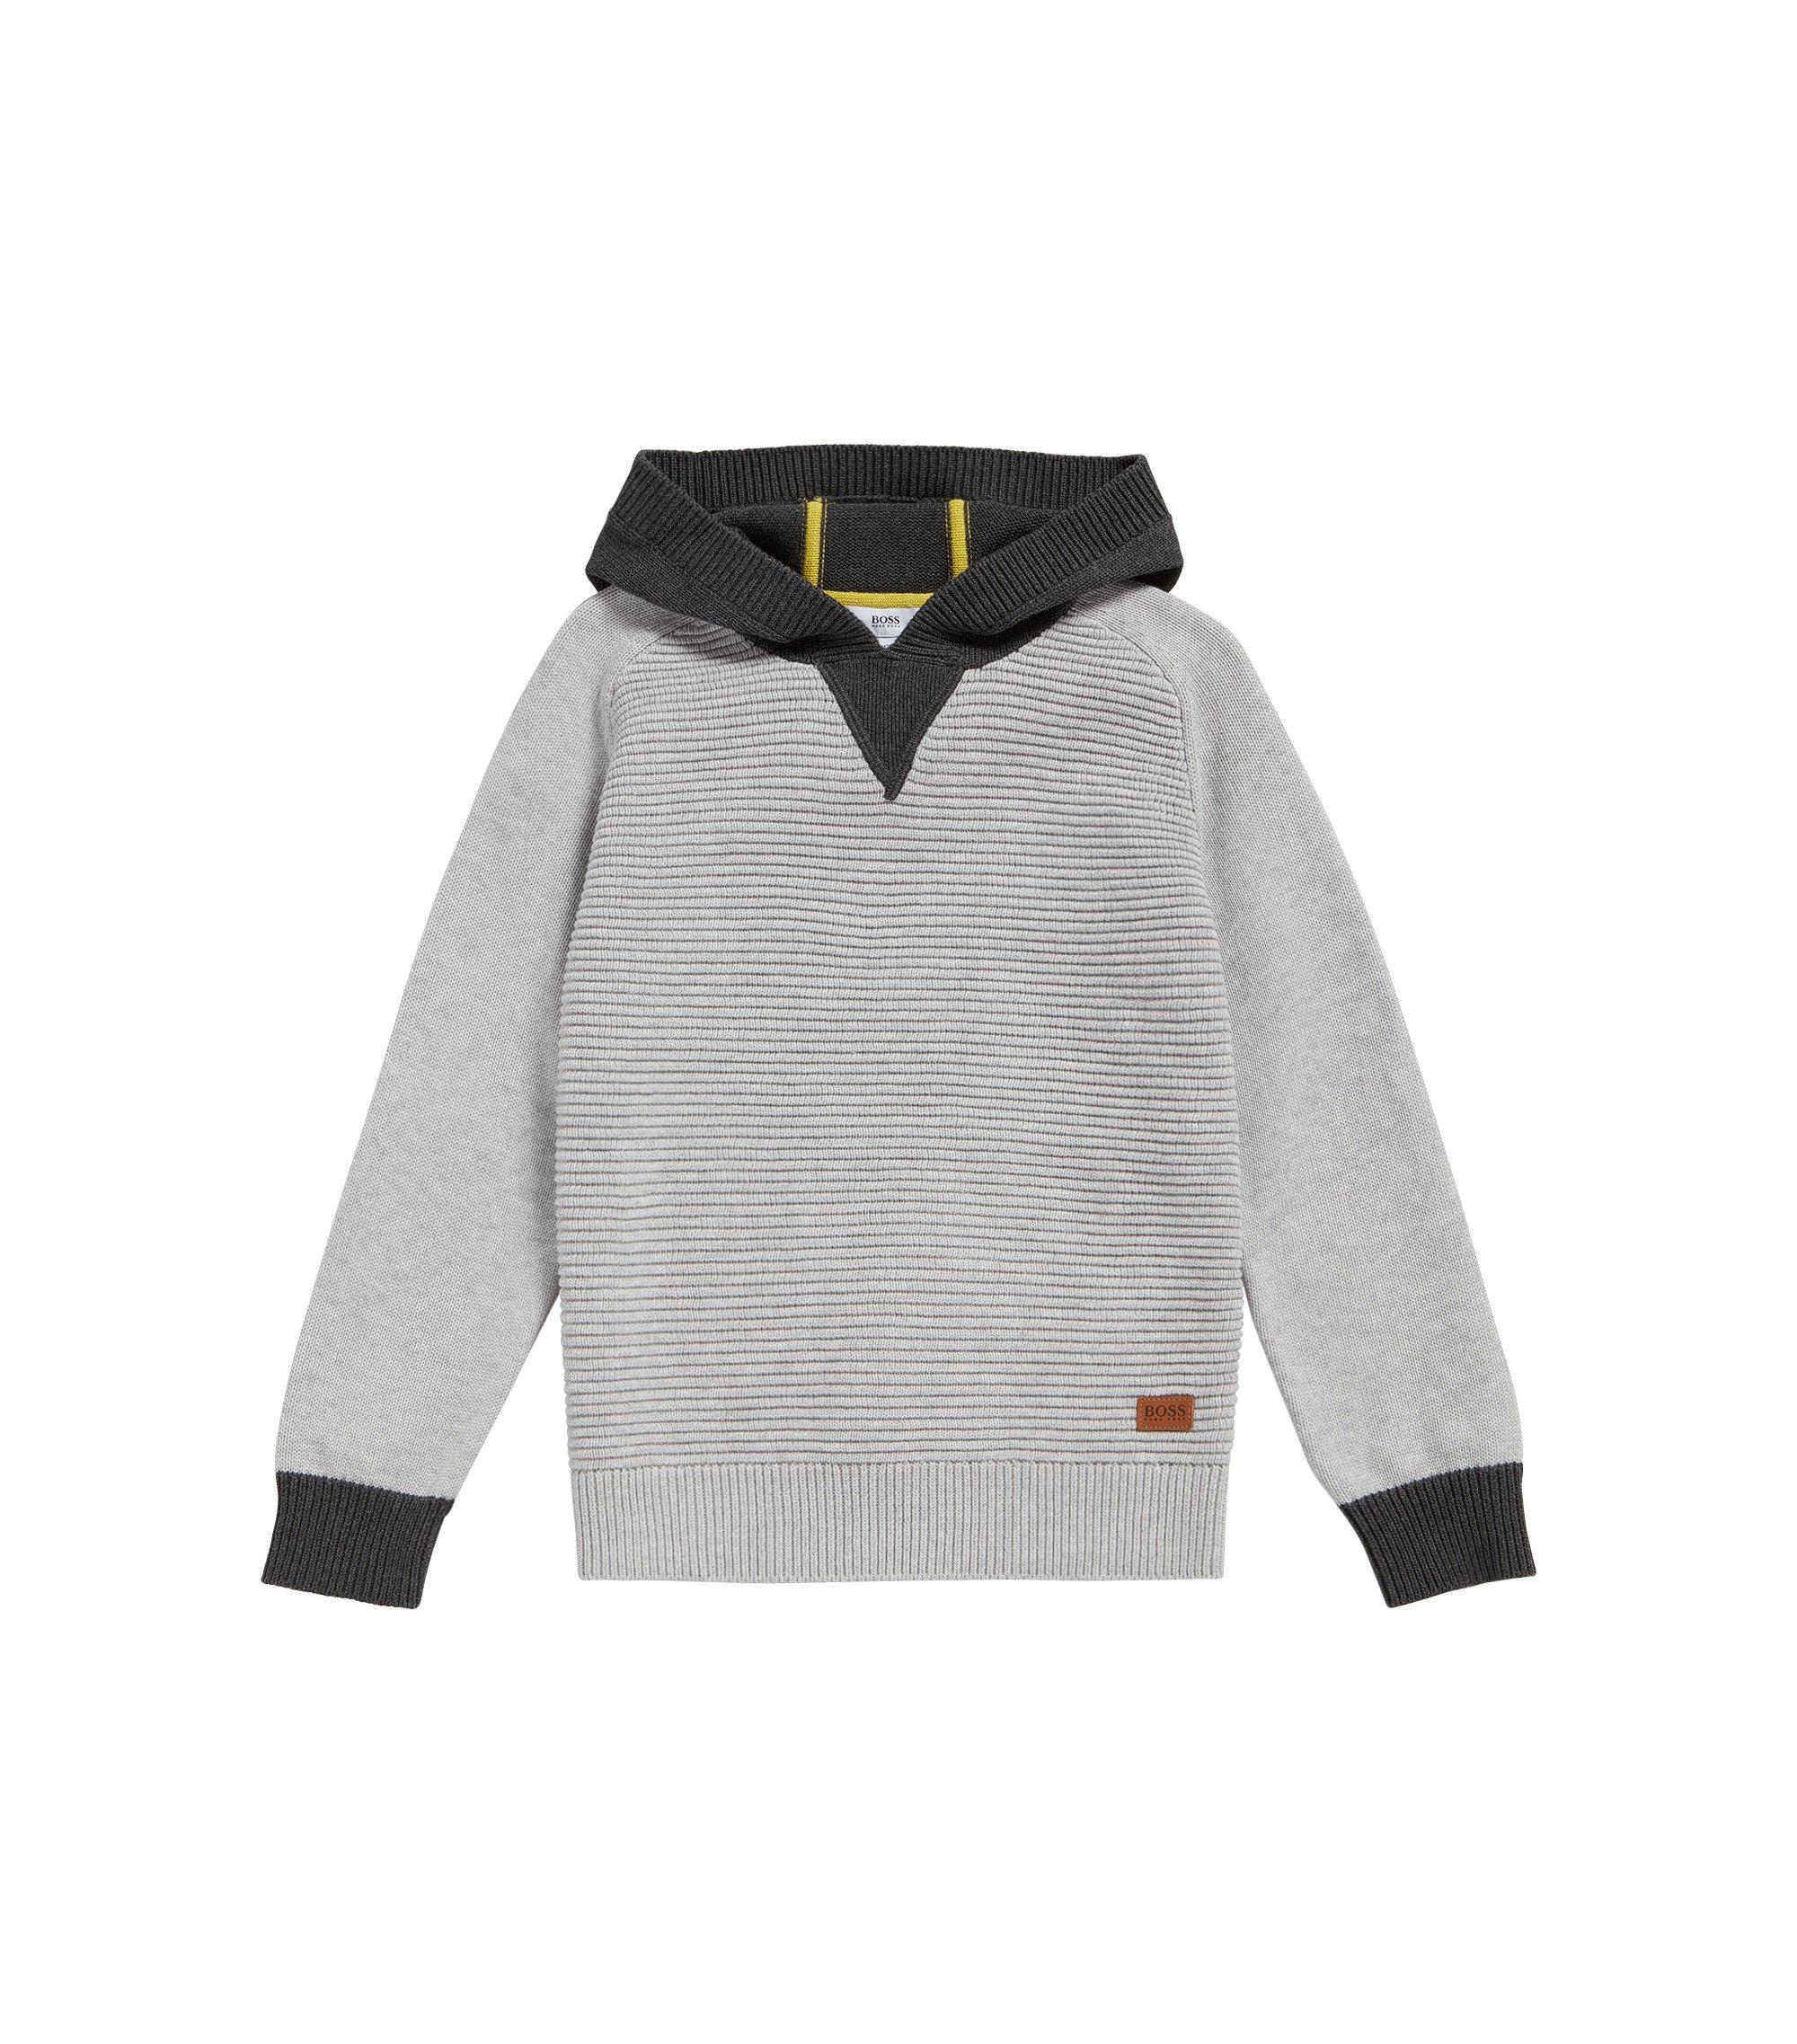 Kids-Pullover aus Baumwolle mit Kapuze: 'J25A16', Hellgrau